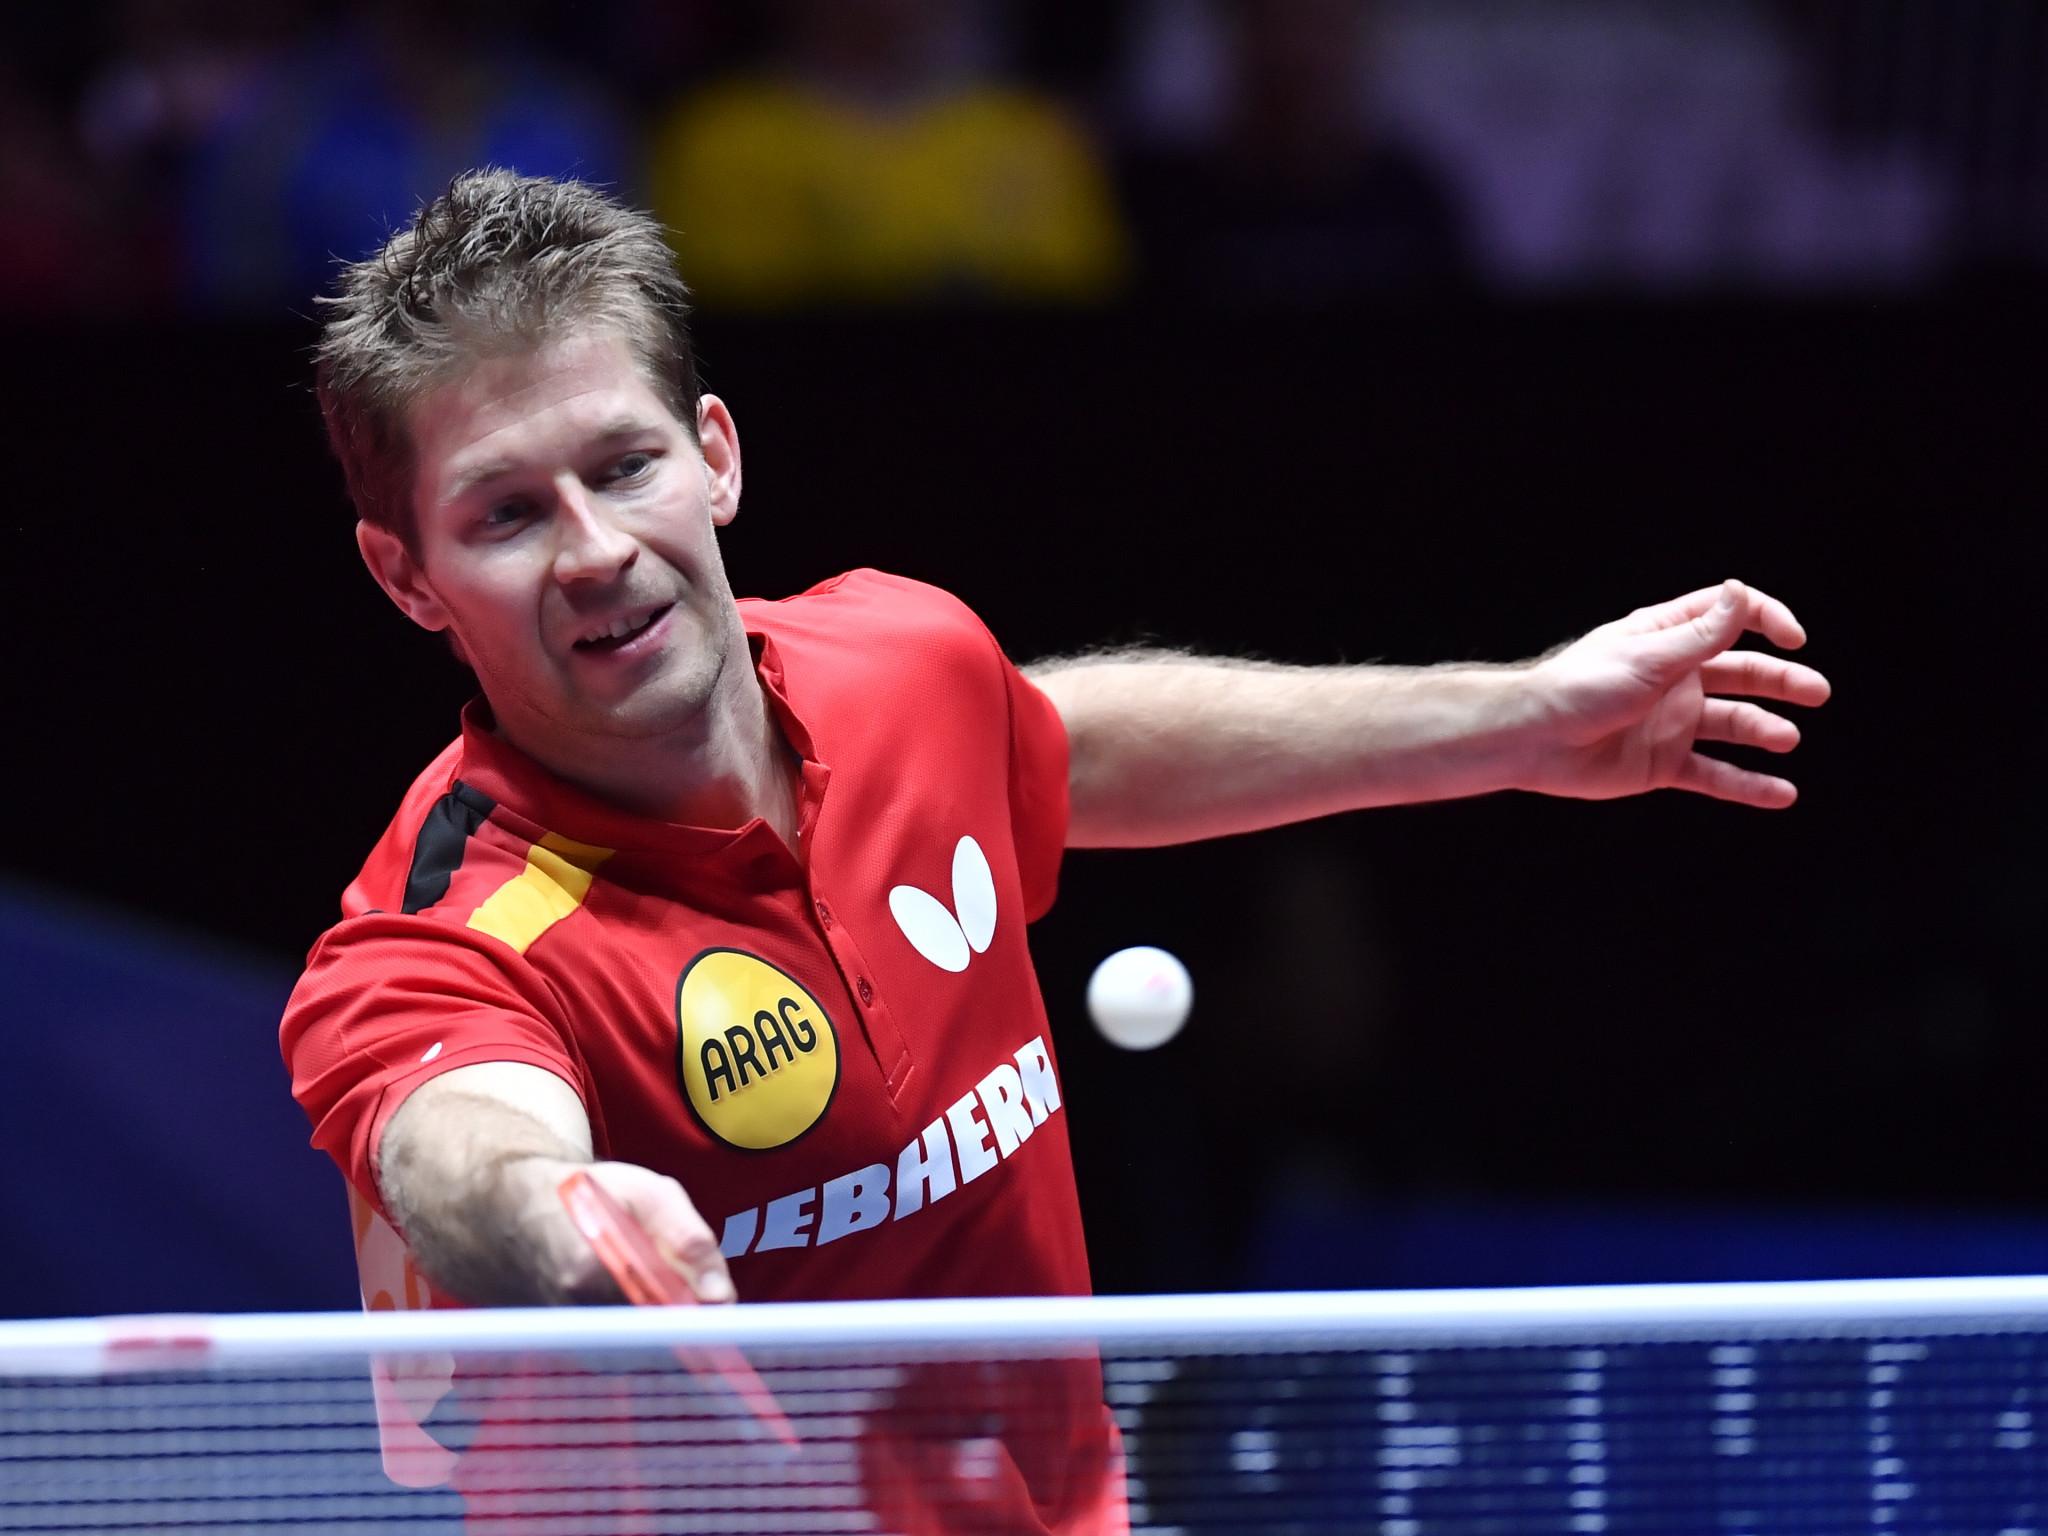 Zheng ends Pitchford's run at ITTF Czech Open